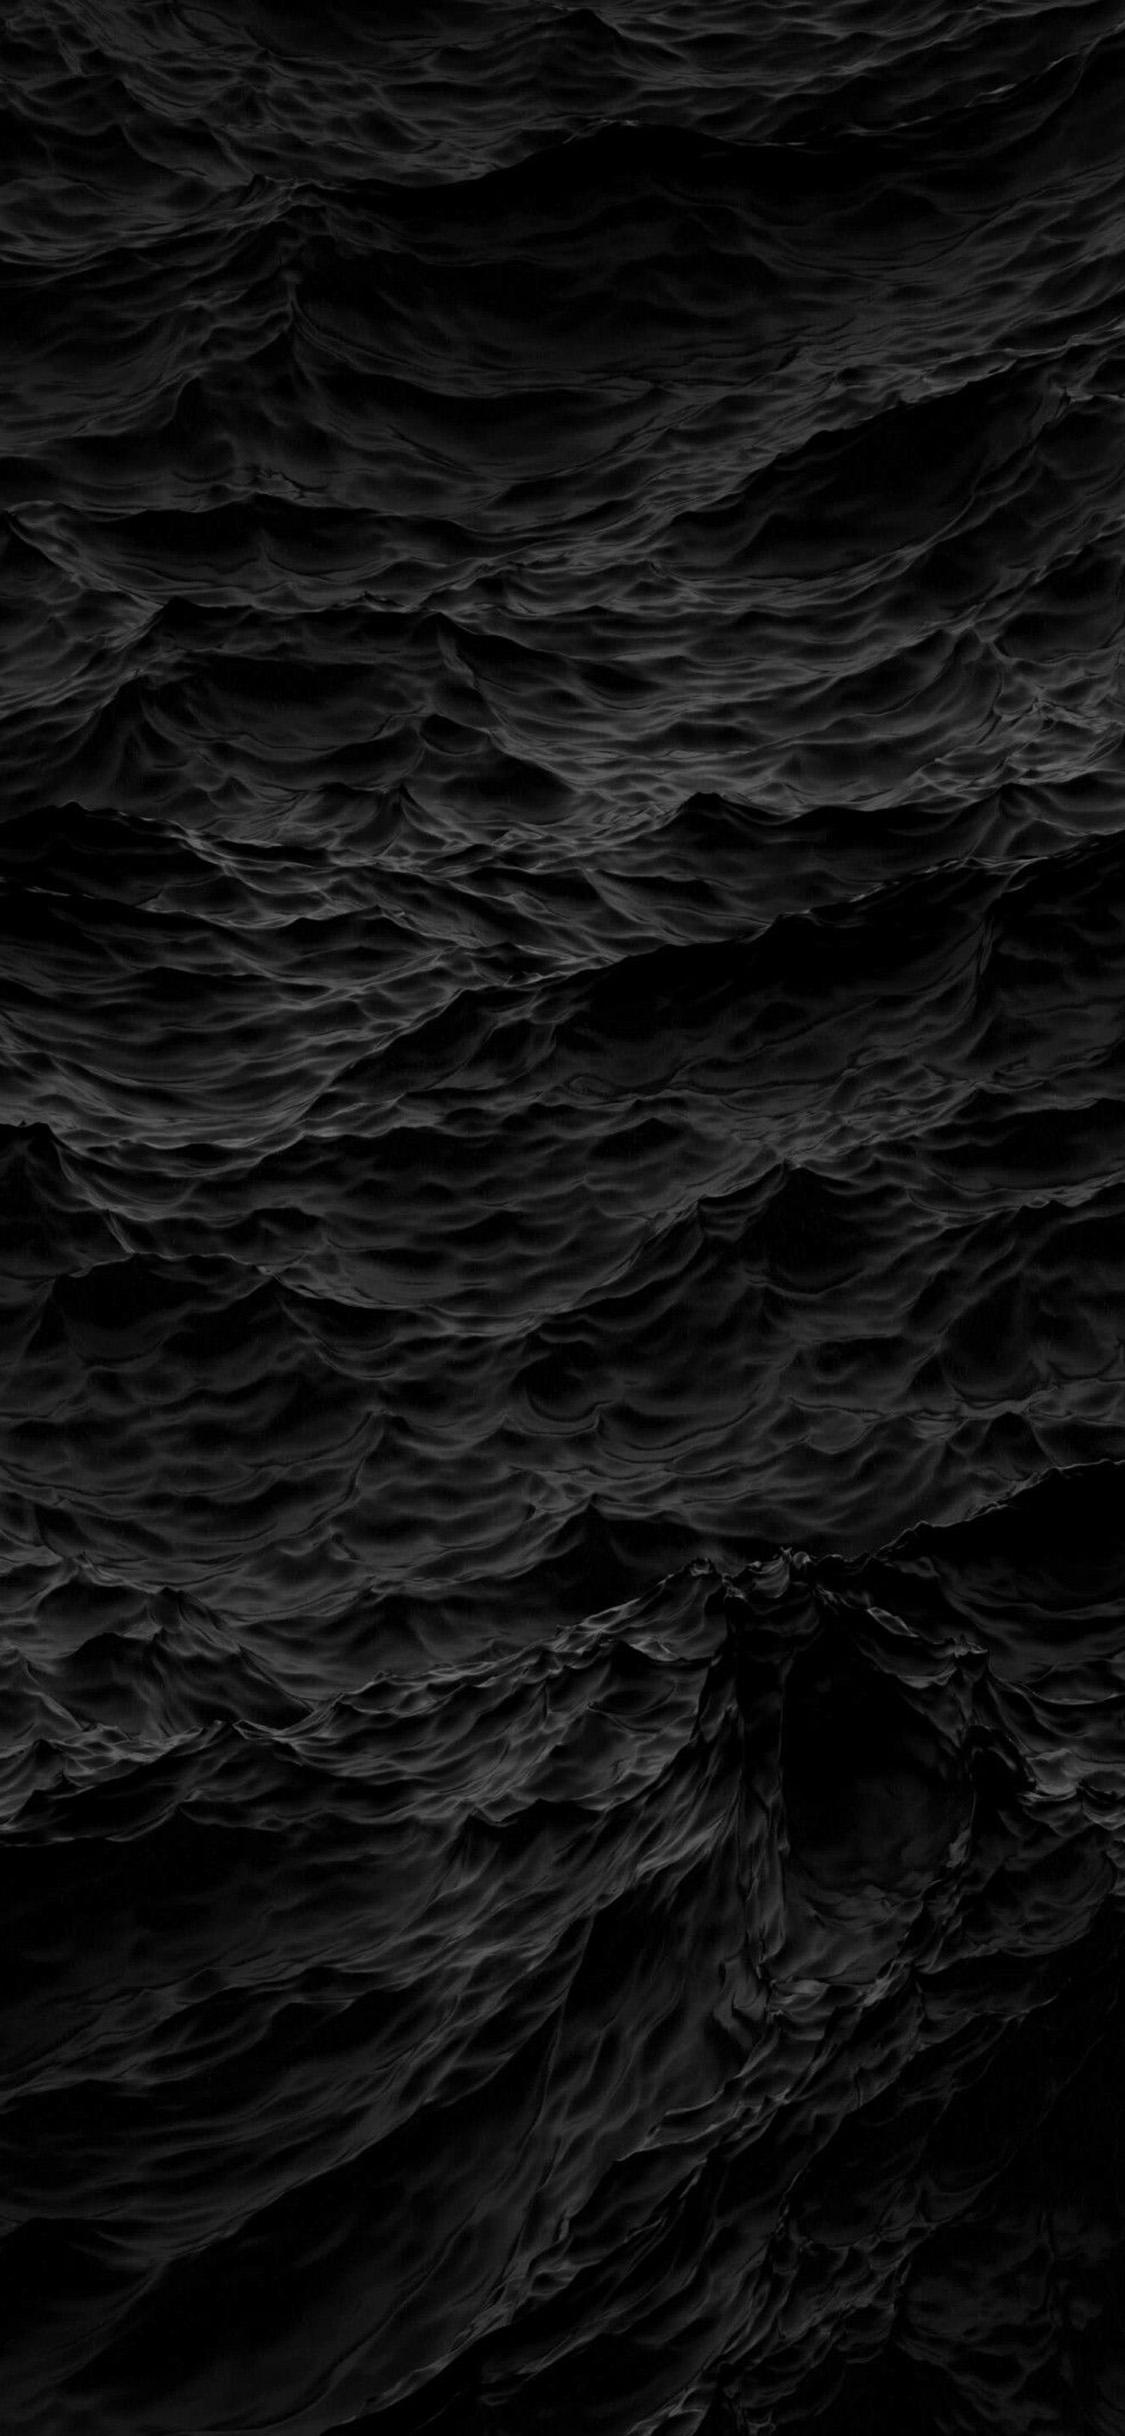 4K Black Wallpapers for Desktop iPad iPhone 1125x2436